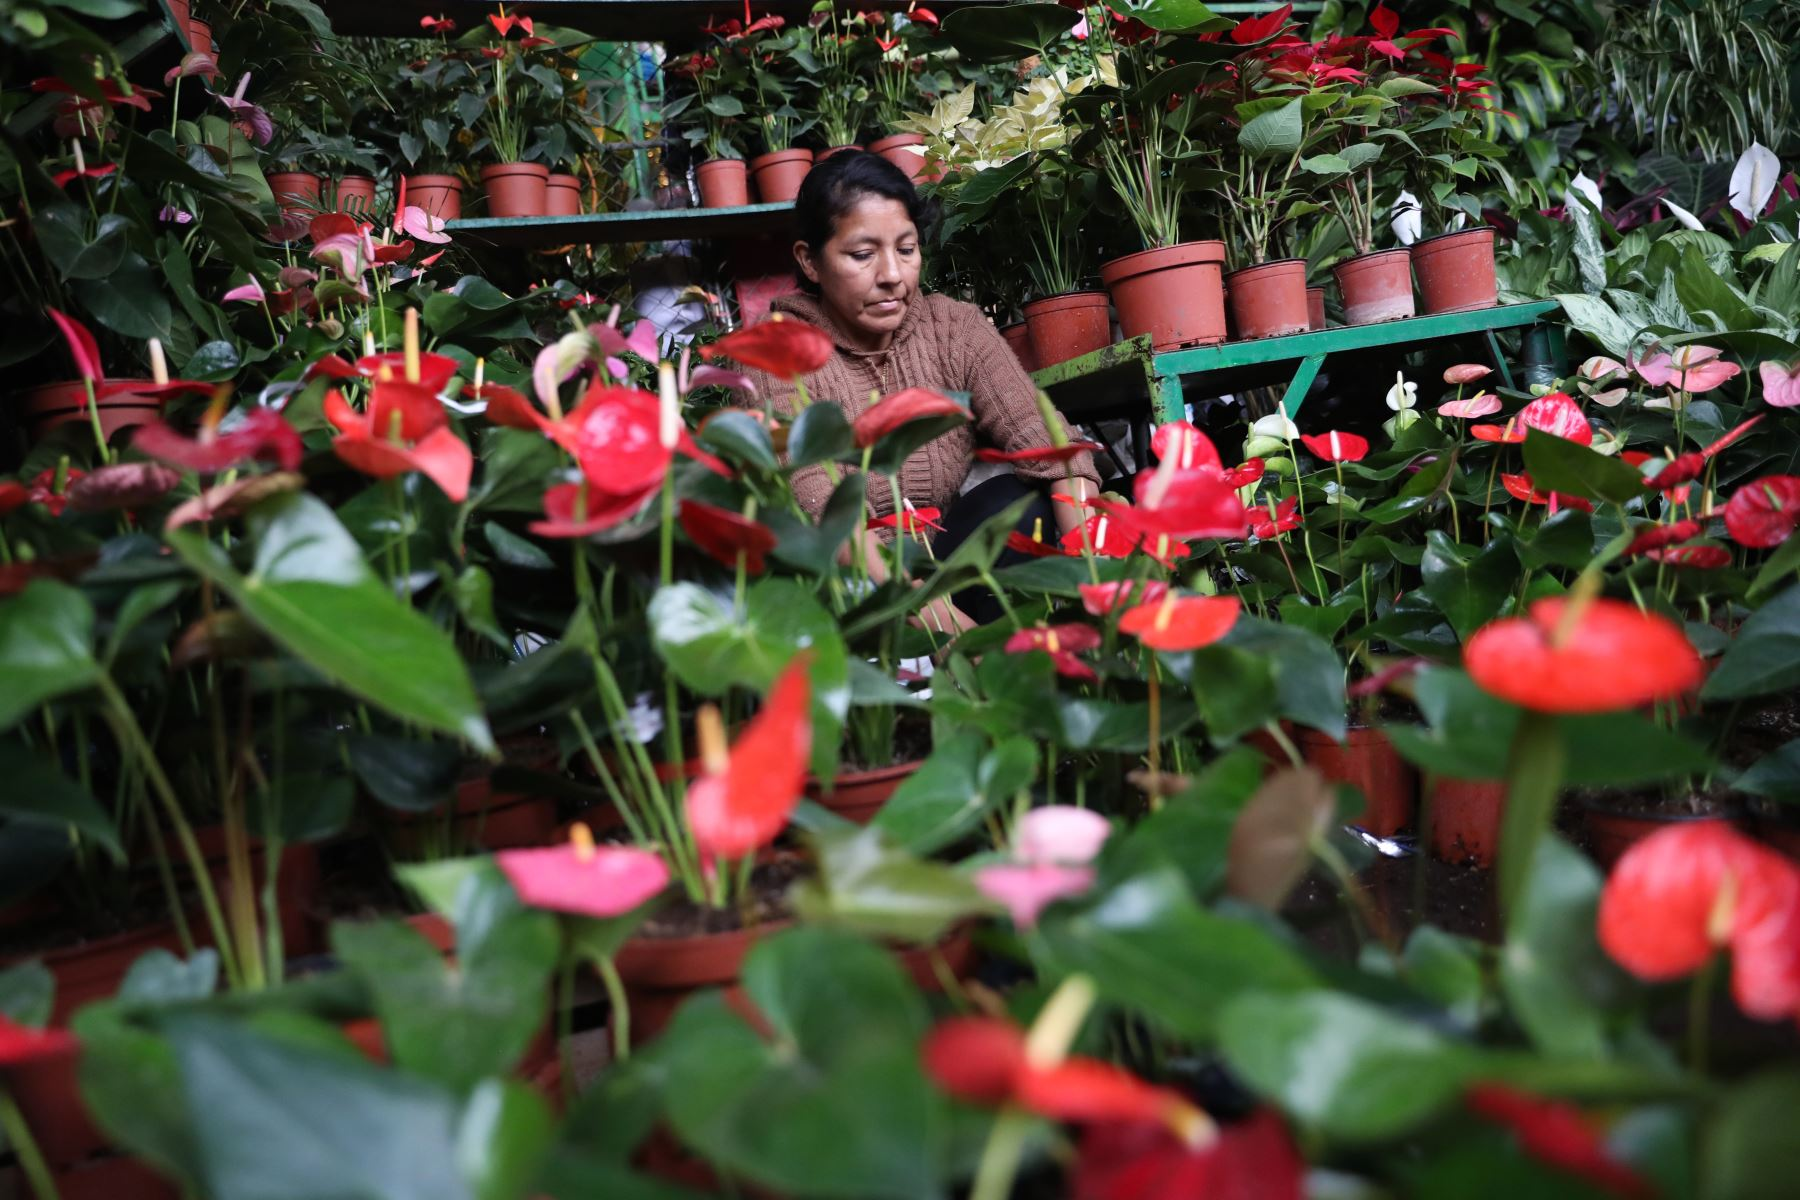 Compra de arreglos florales tienen gran demanda en el día de la madre.  Foto: ANDINA/Melina Mejía